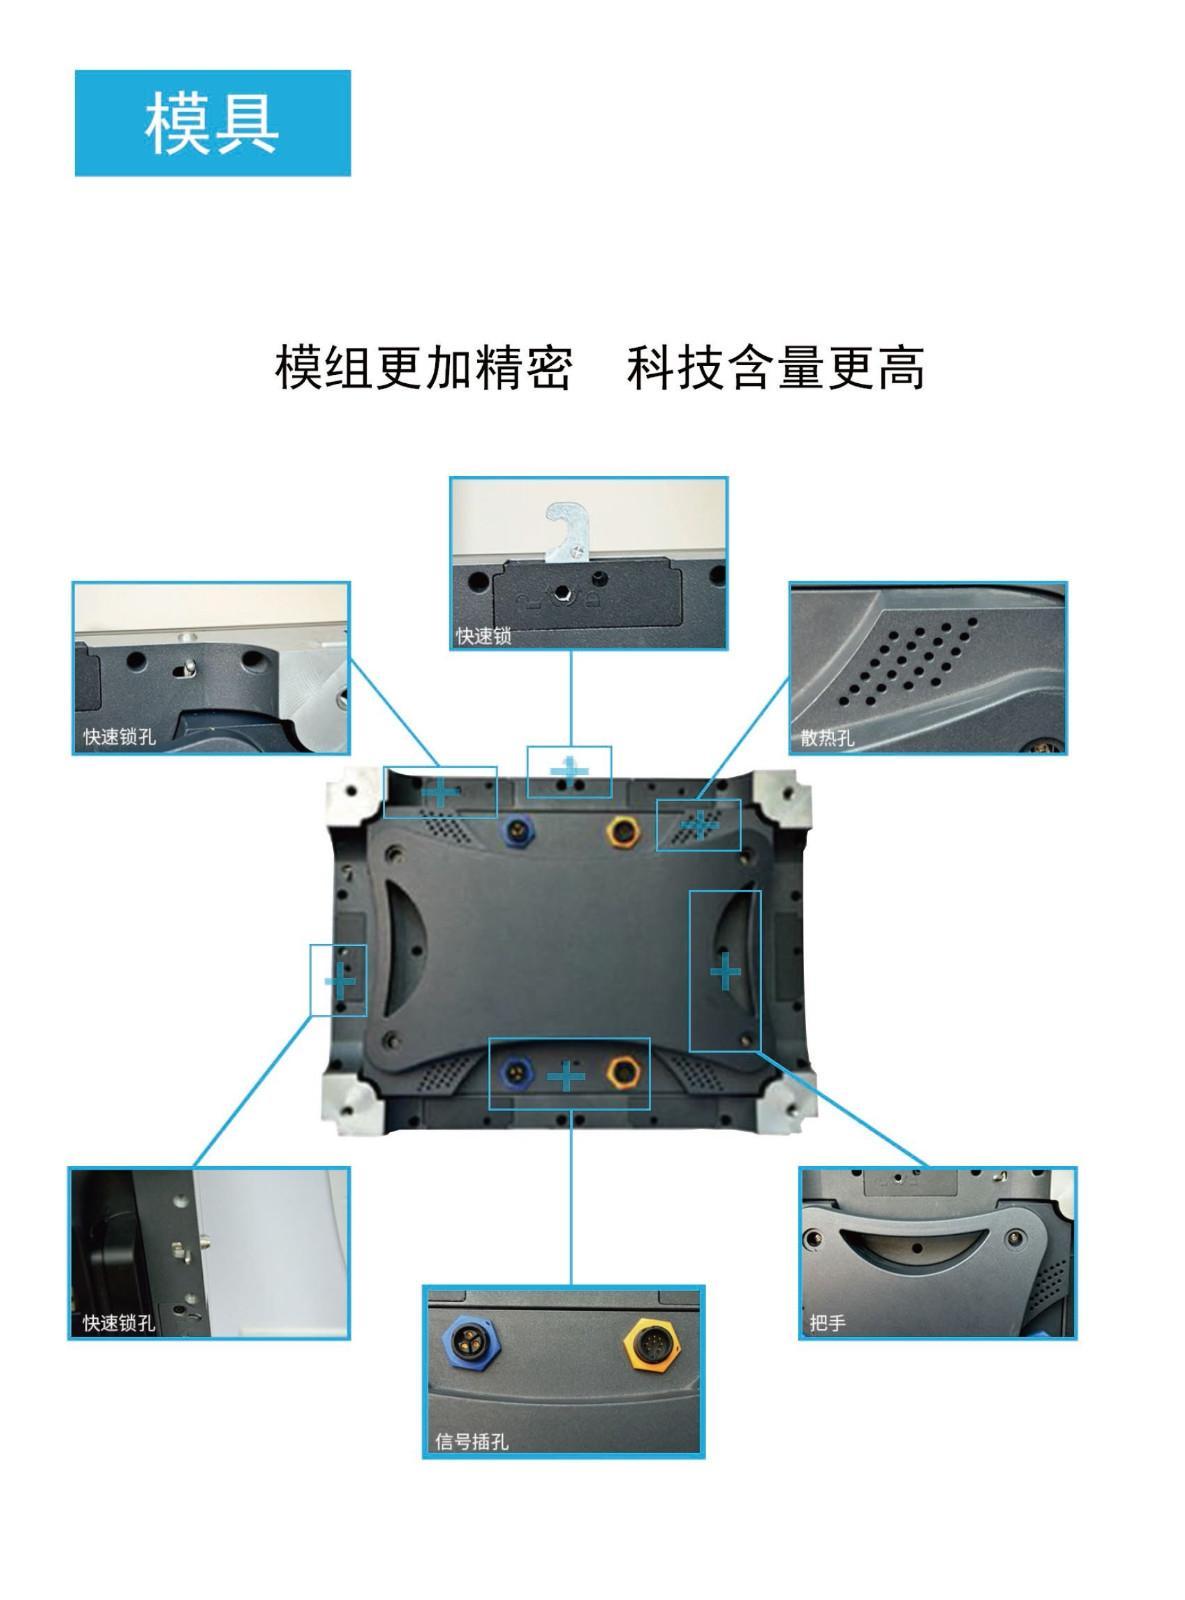 深圳华融室内小间距LED显示大屏